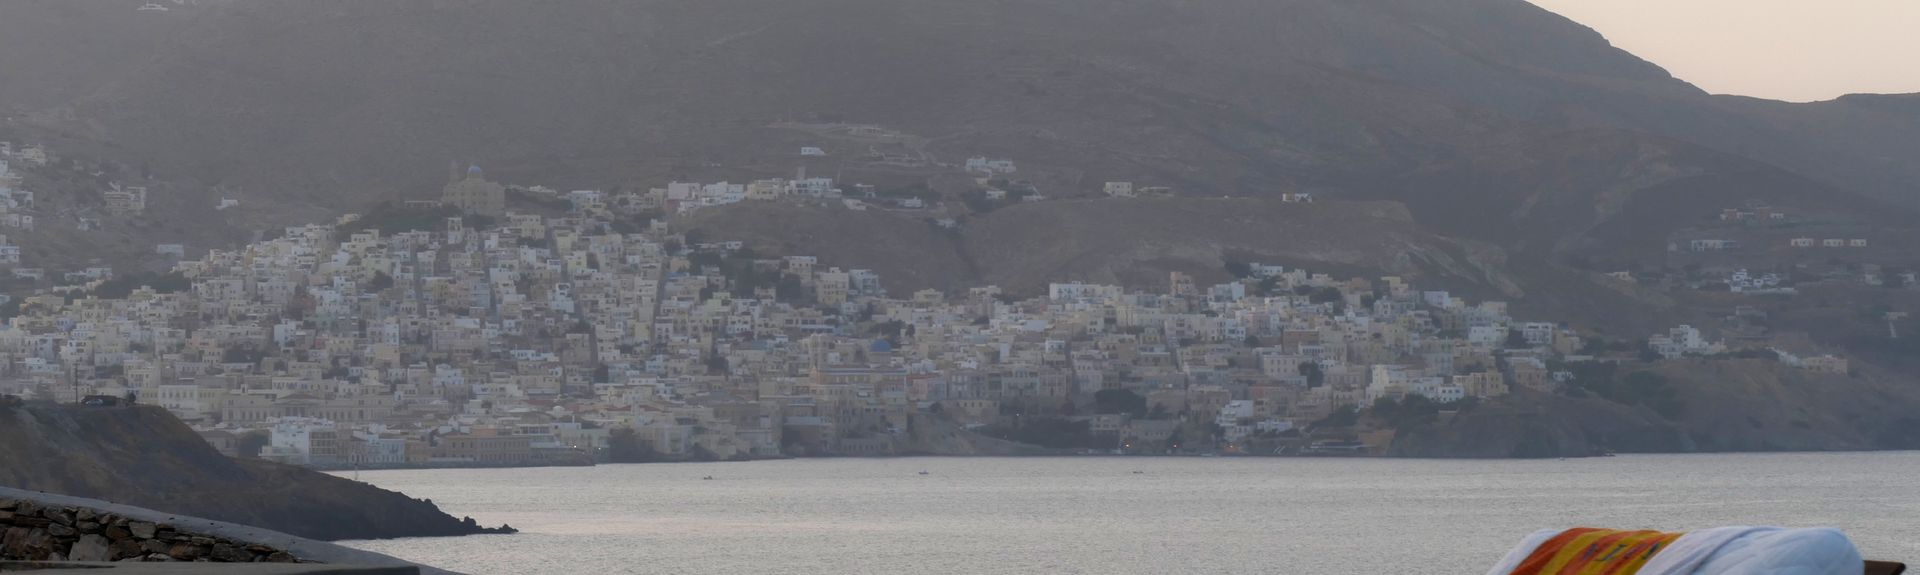 Delfini, Islas del Egeo, Grecia